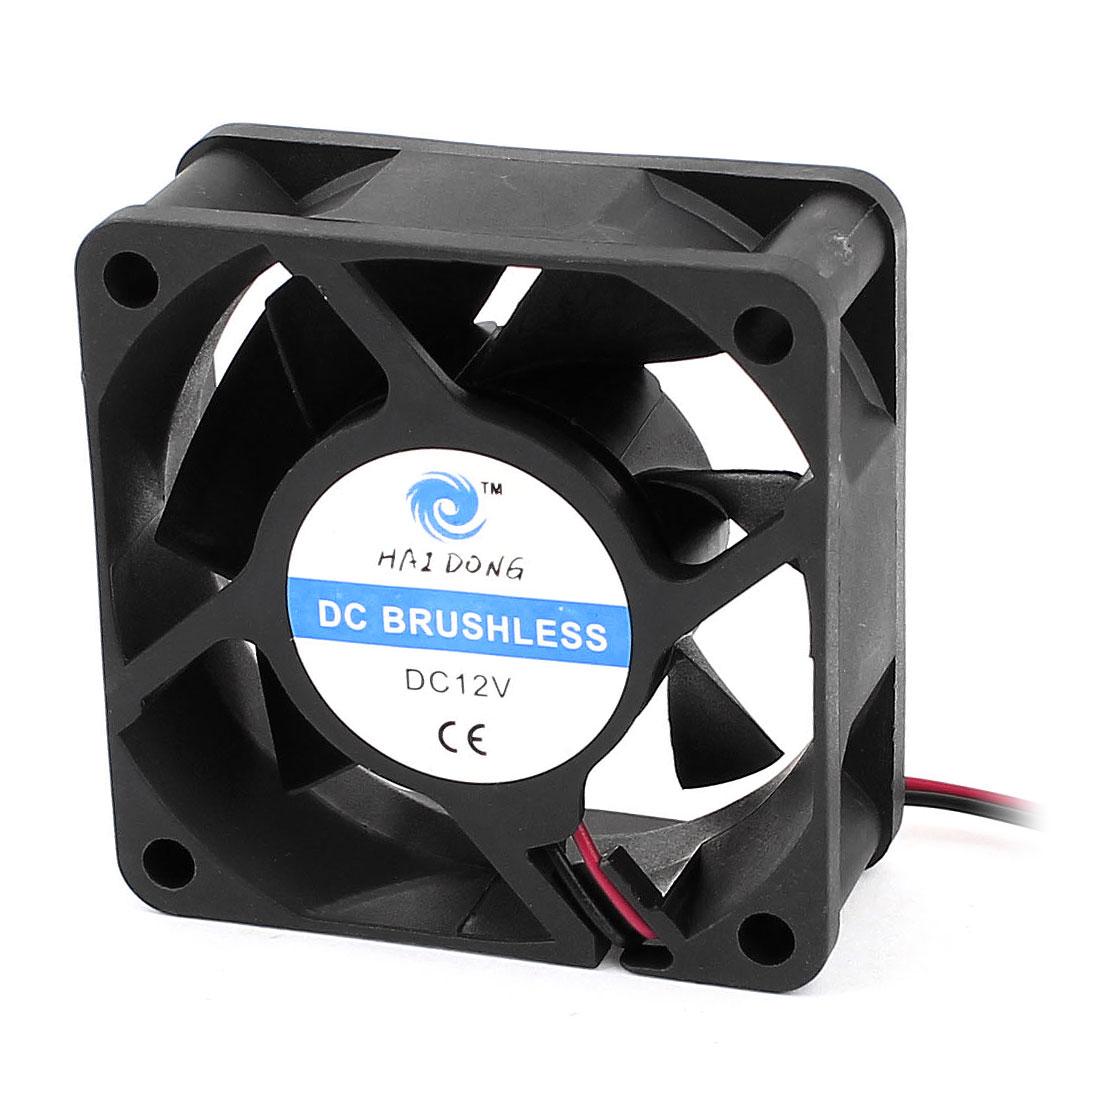 DC 12V 60mmx25mm Cooling Fan Black w Dustproof Mesh for PC Case CPU Cooler Radiator